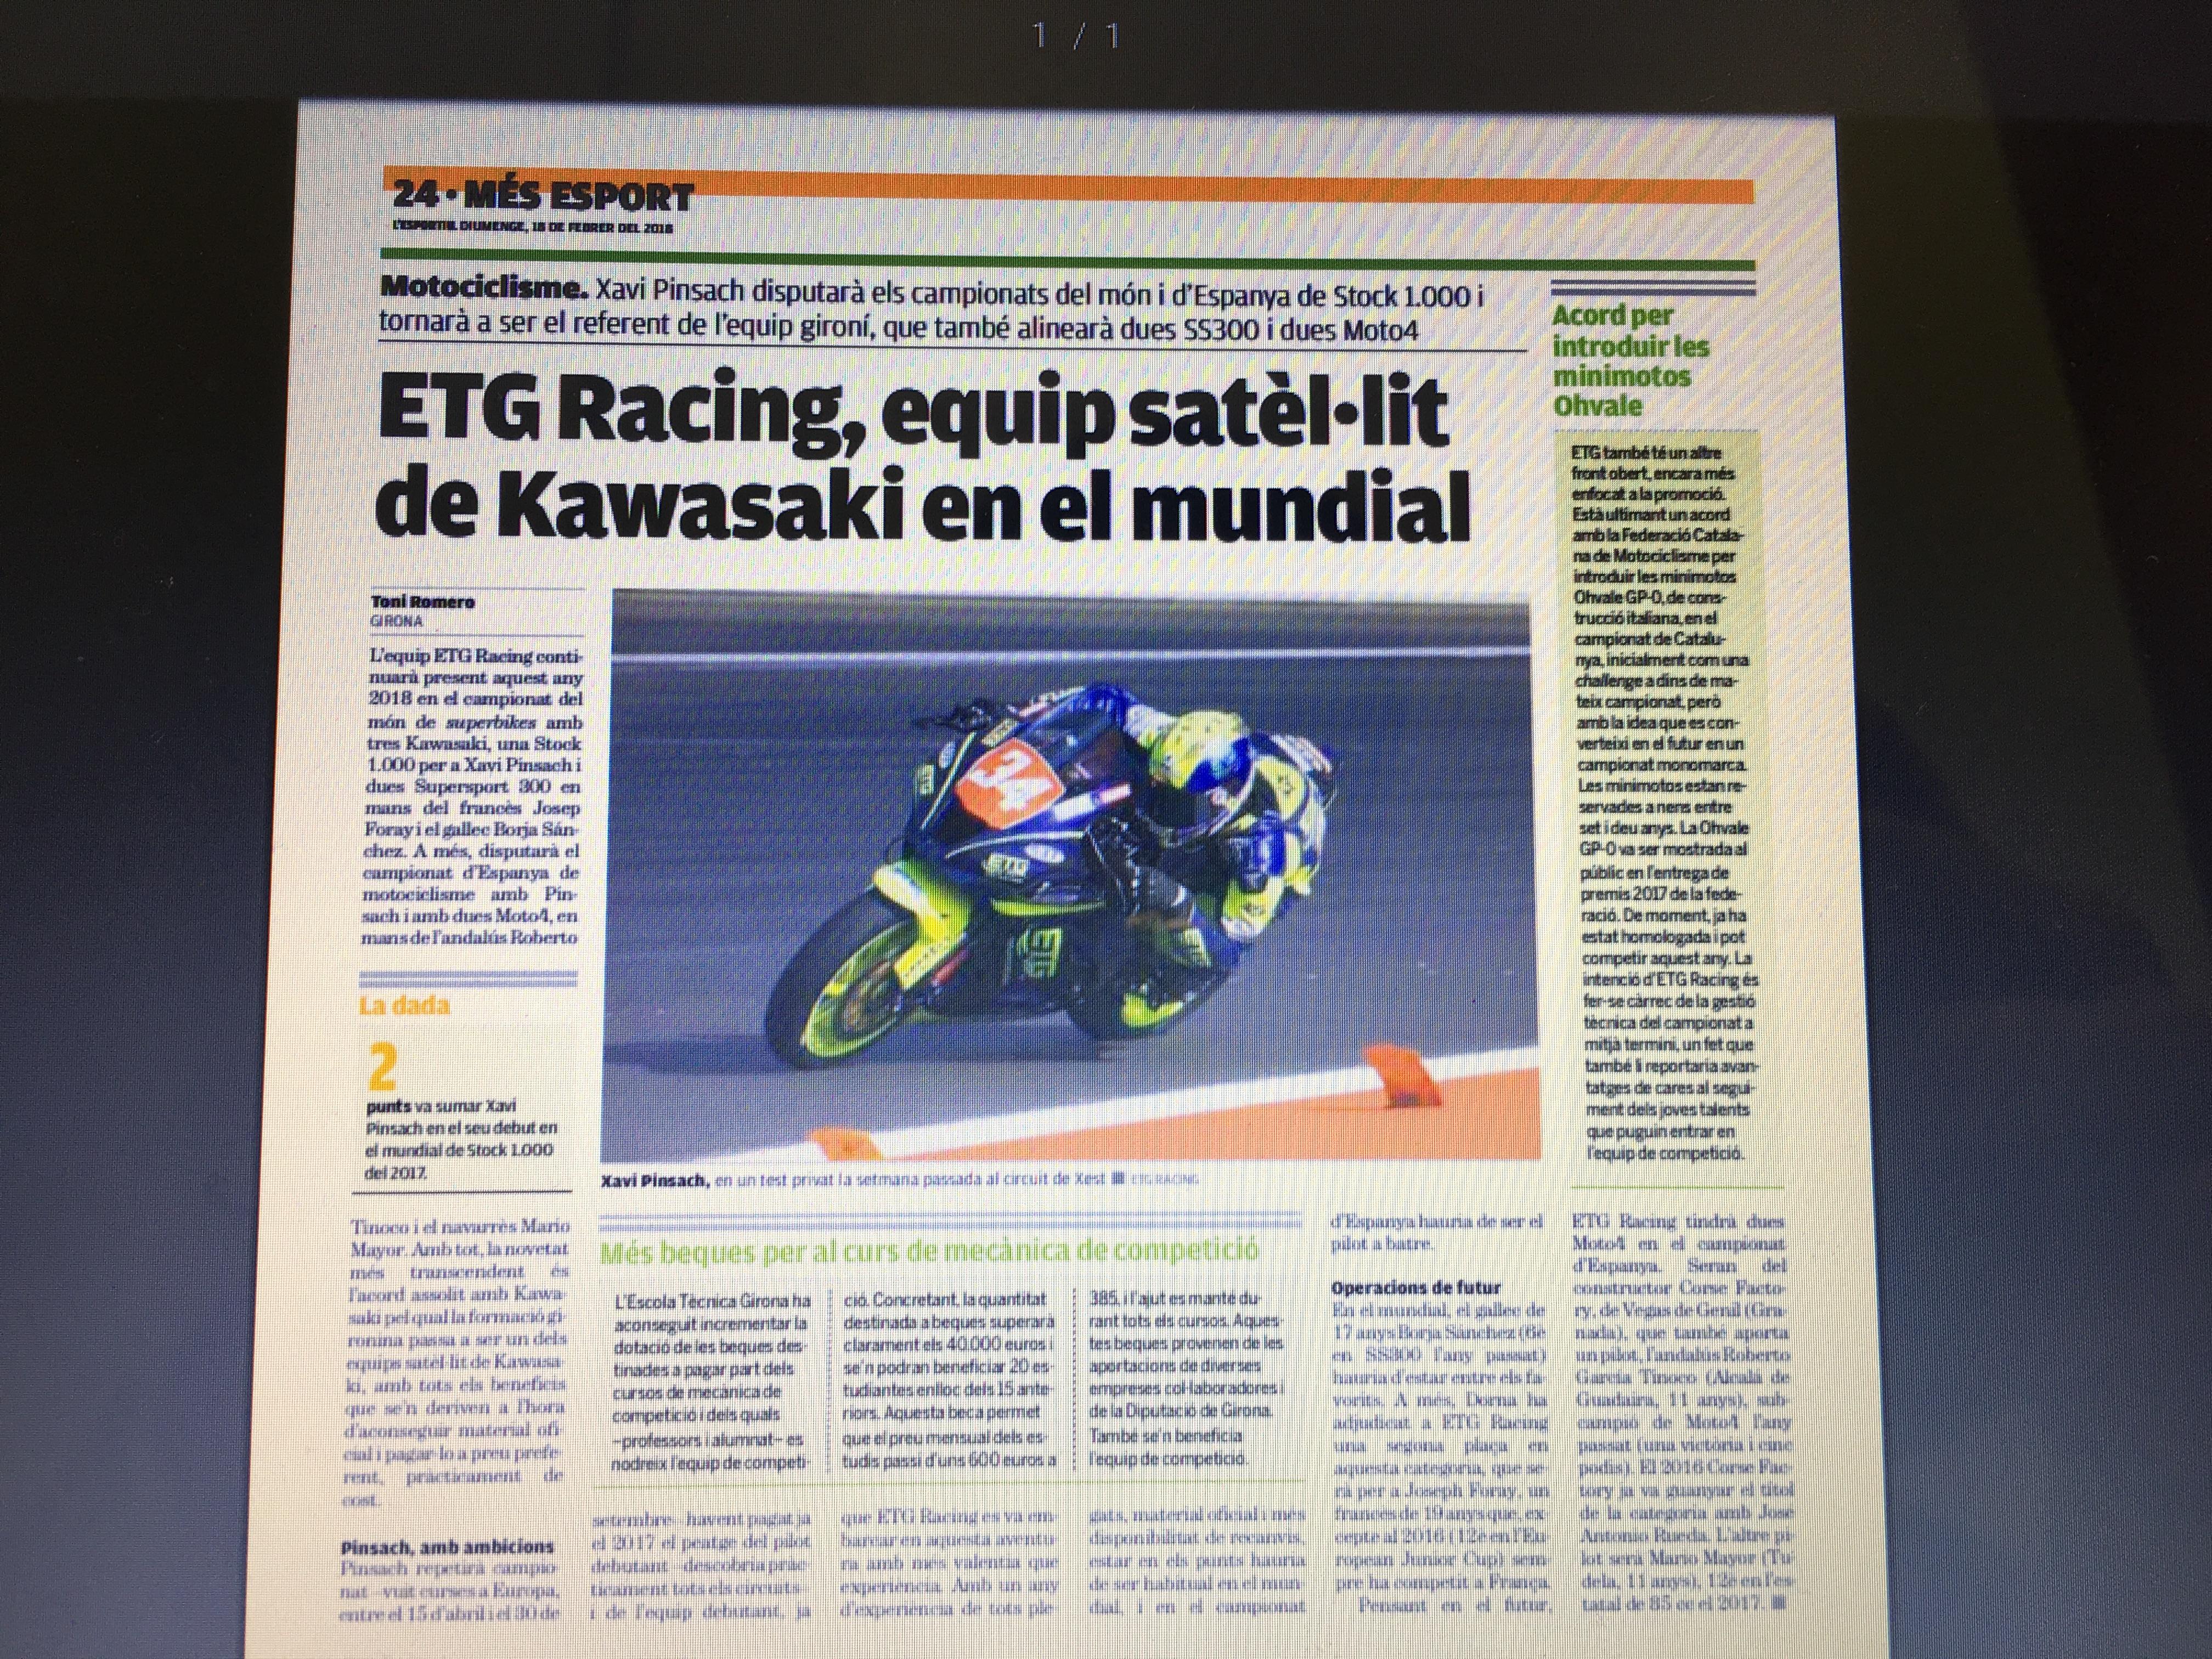 Els pilots d'ETG Racing, protagonistes en el diari l'Esportiu